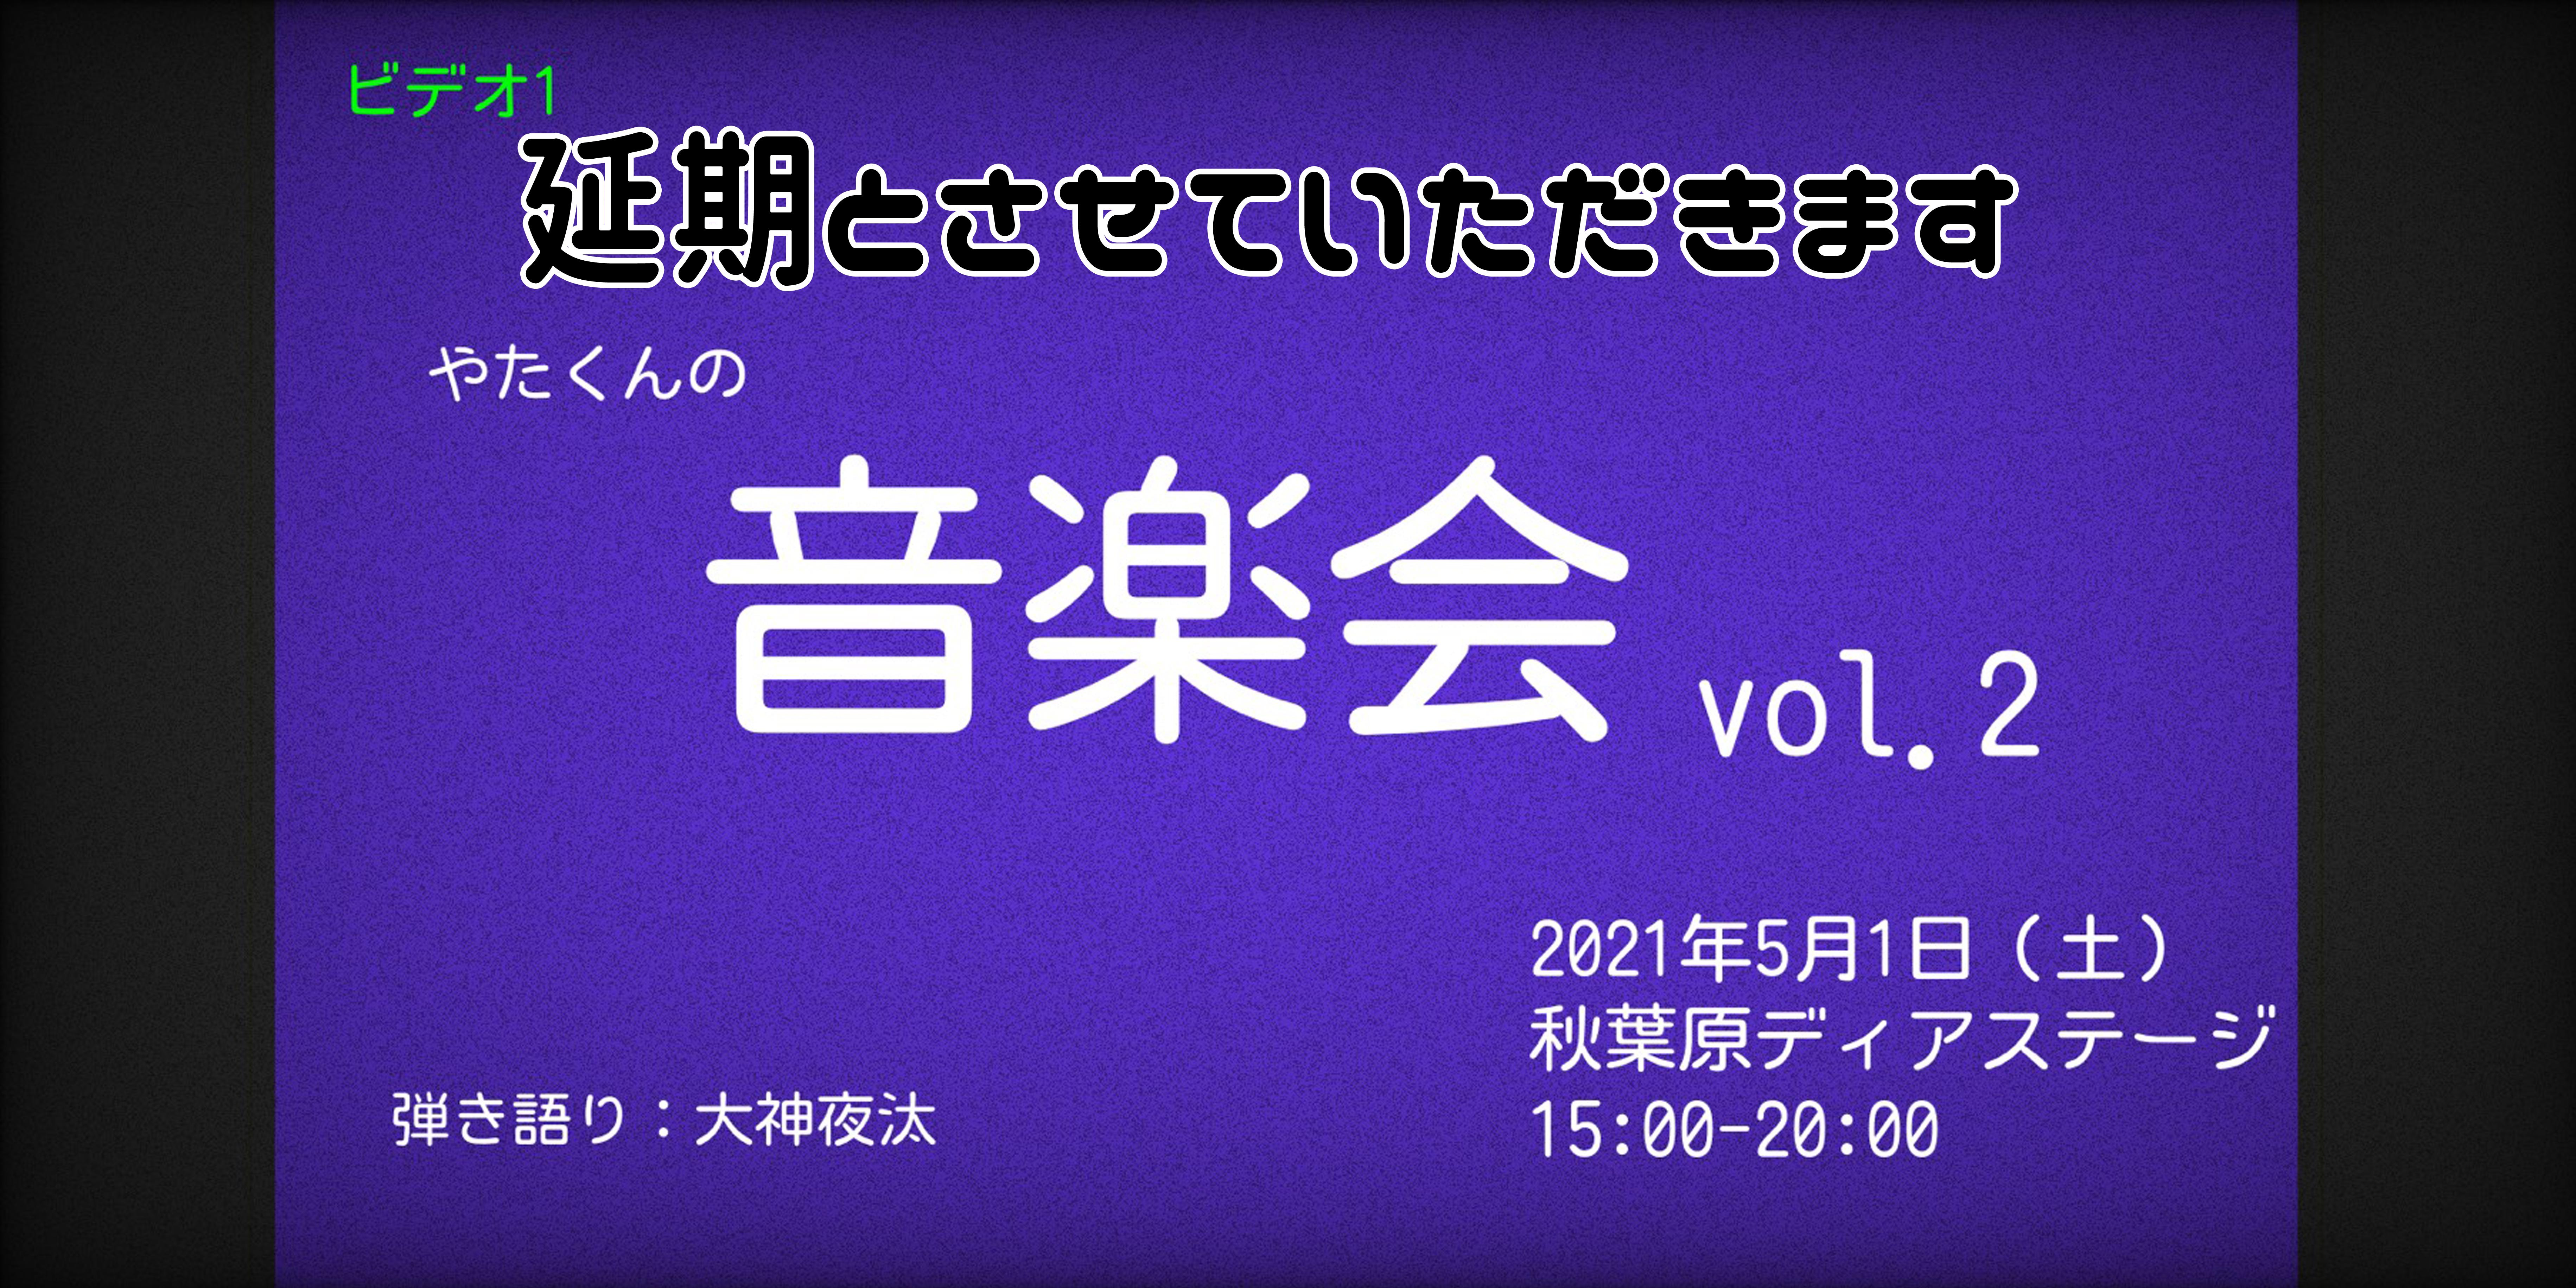 やたくん音楽会Vol.2